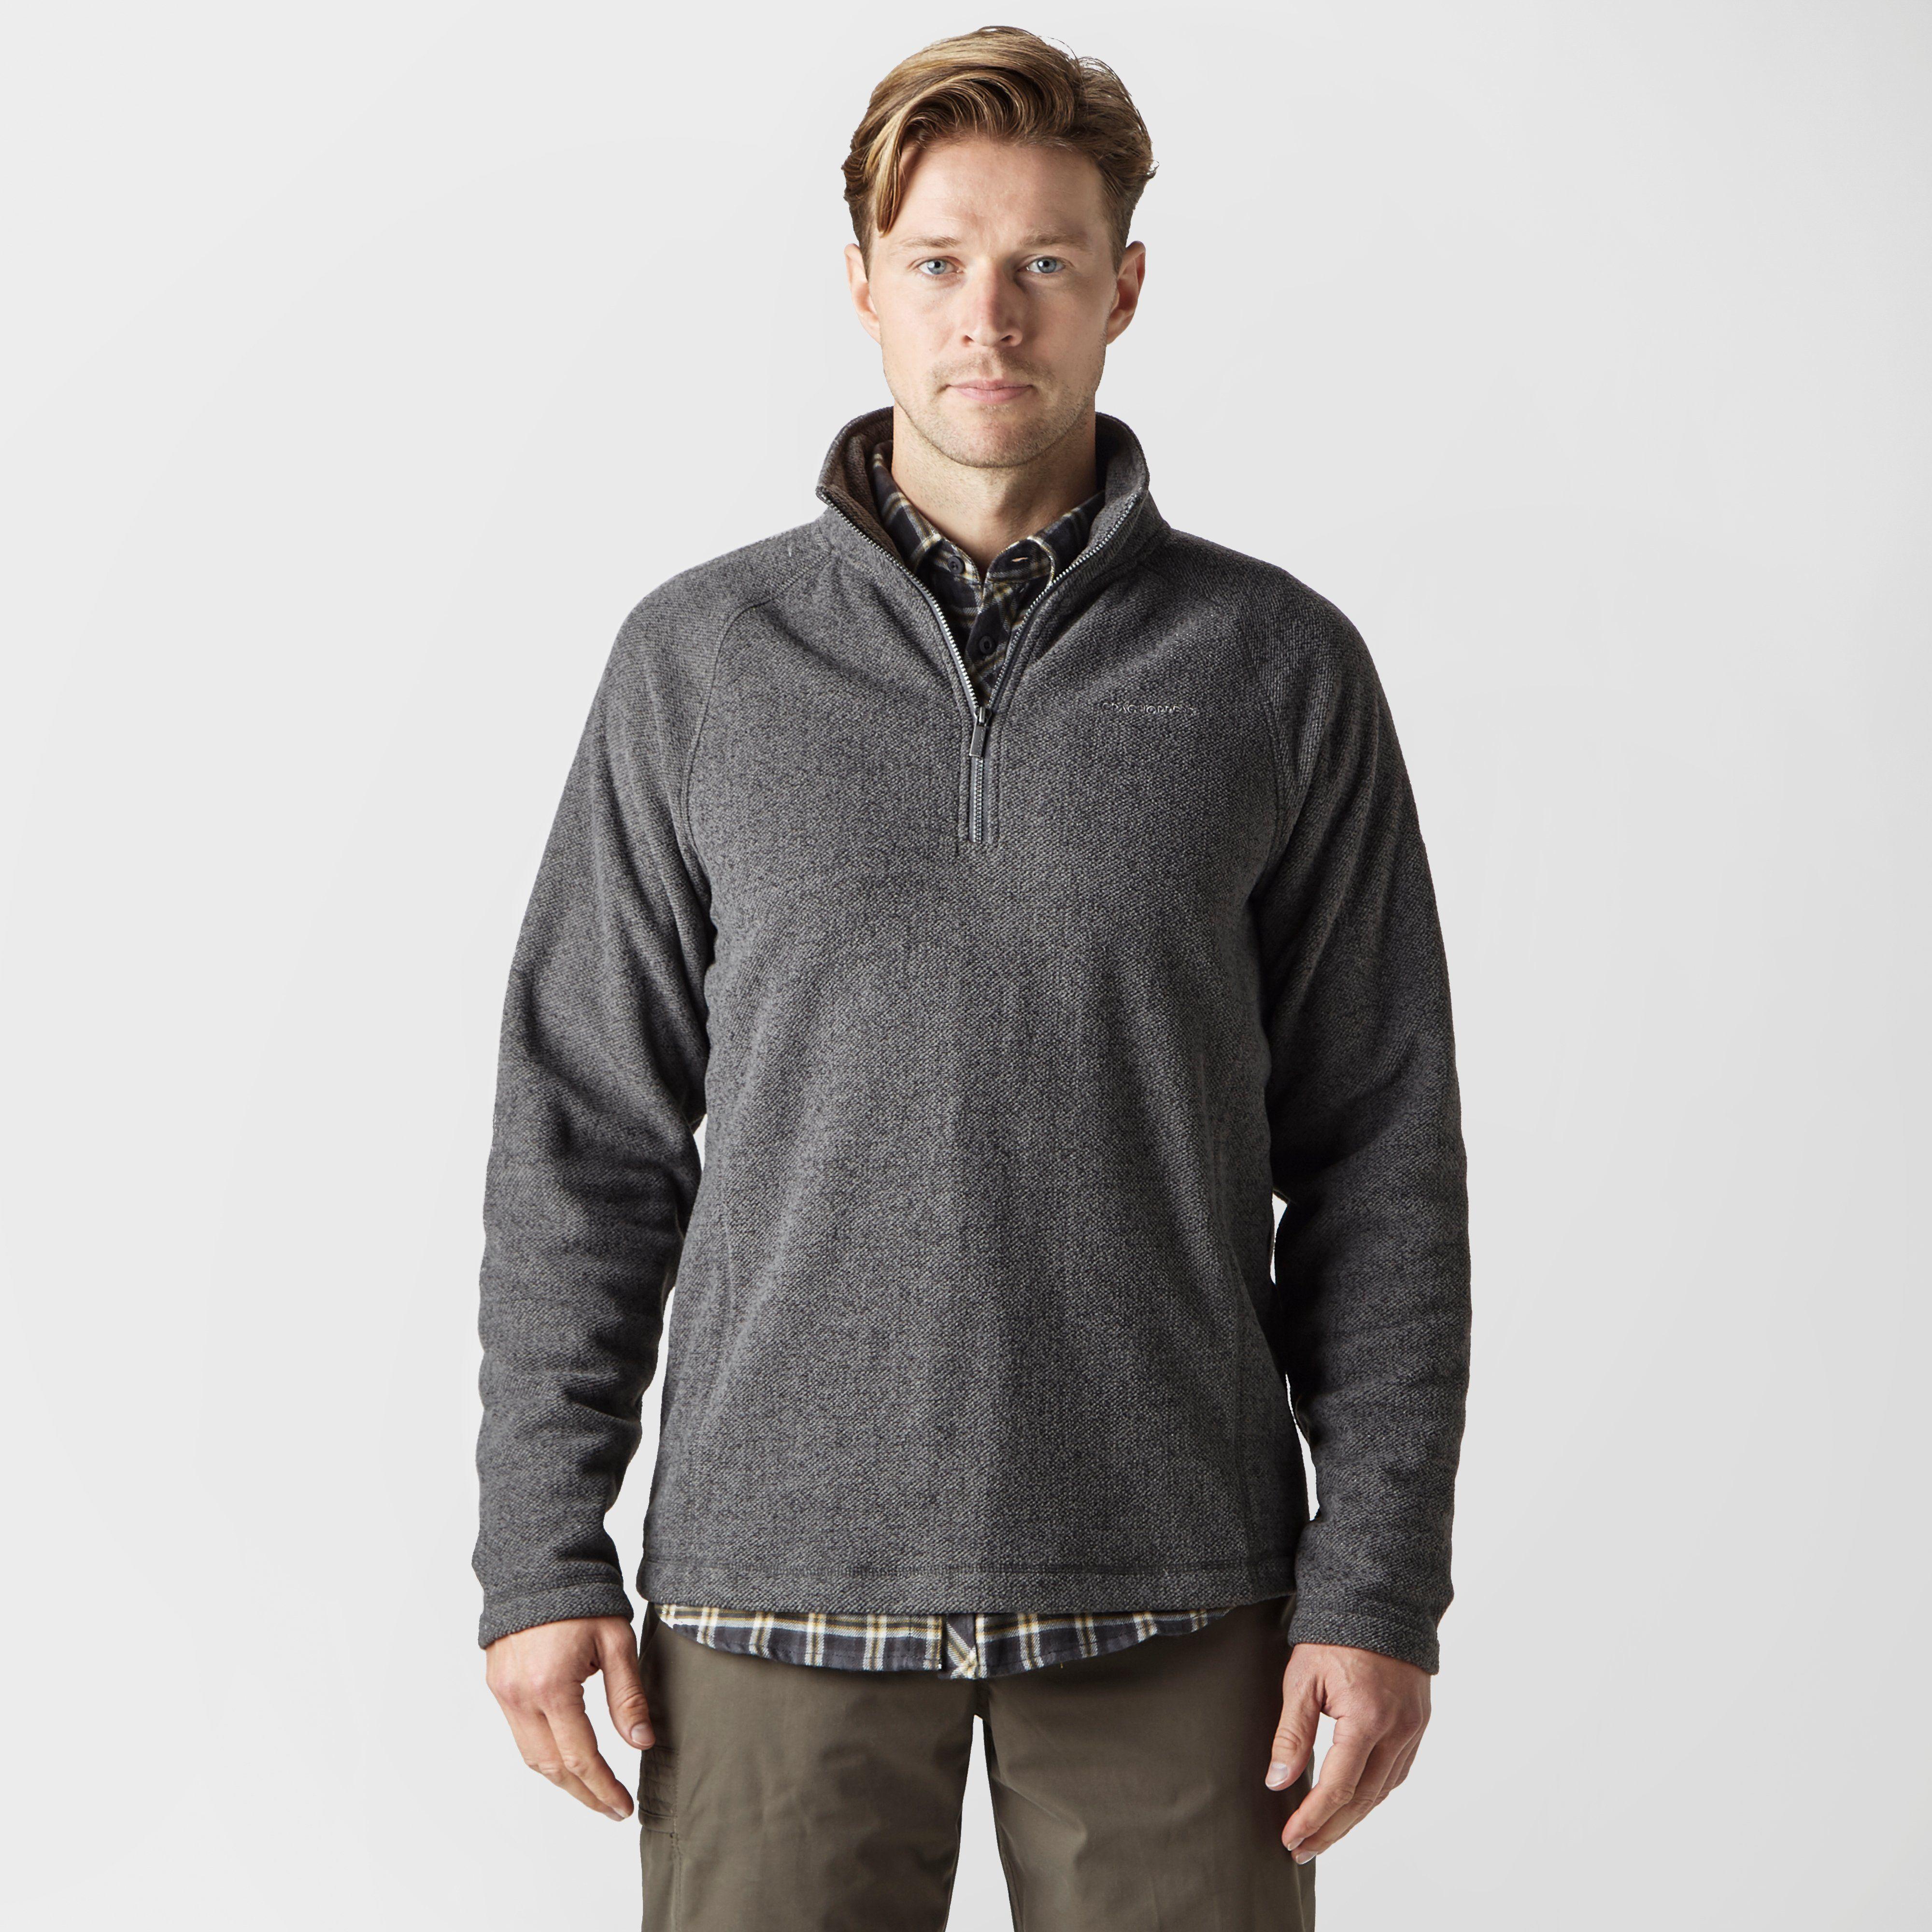 CRAGHOPPERS Men's Tindall Half-Zip Fleece